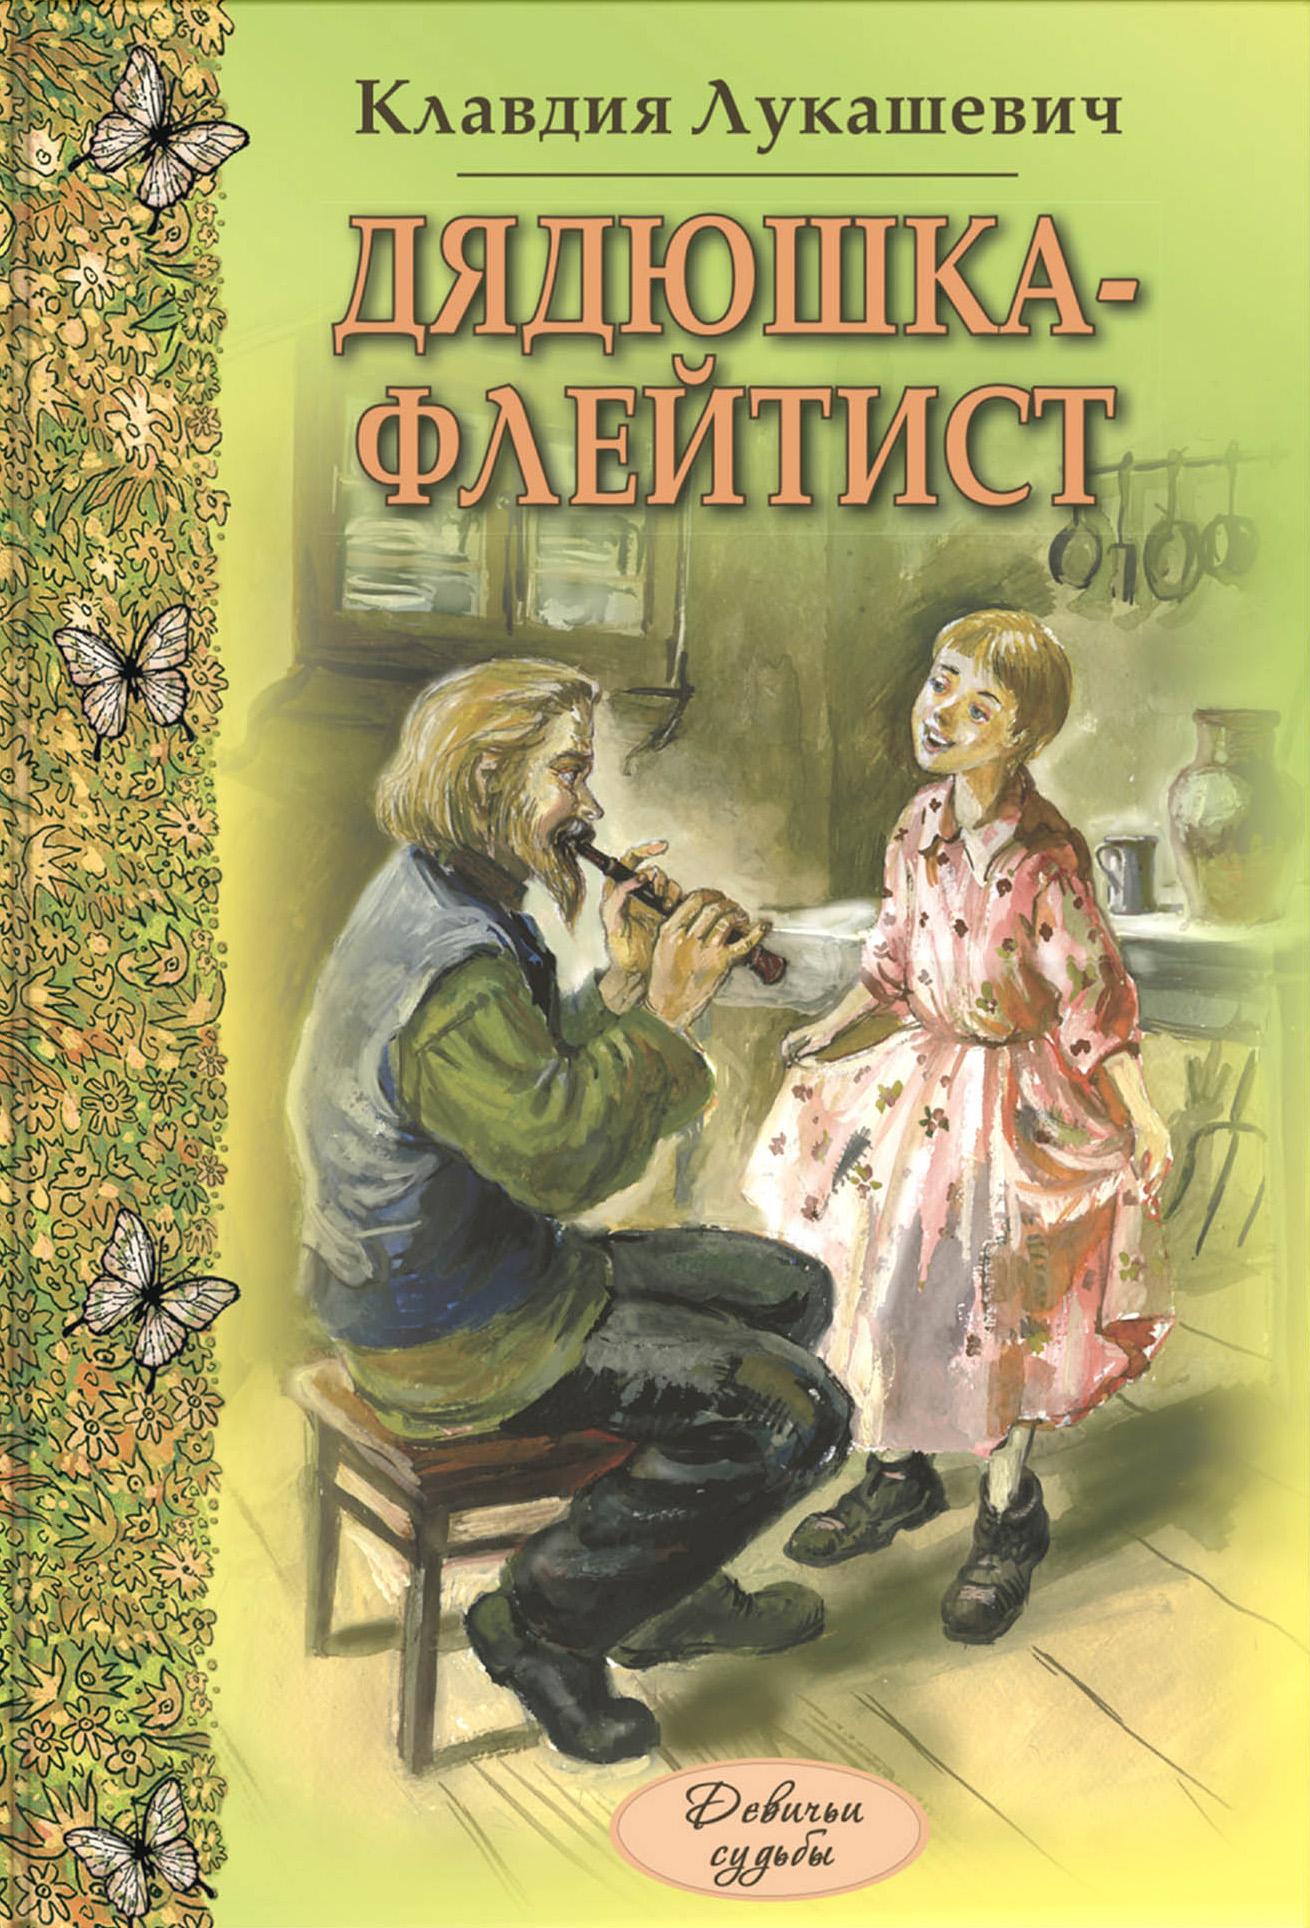 Клавдия Владимировна Лукашевич Дядюшка-флейтист (сборник) лукашевич к в дядюшка флейтист повести